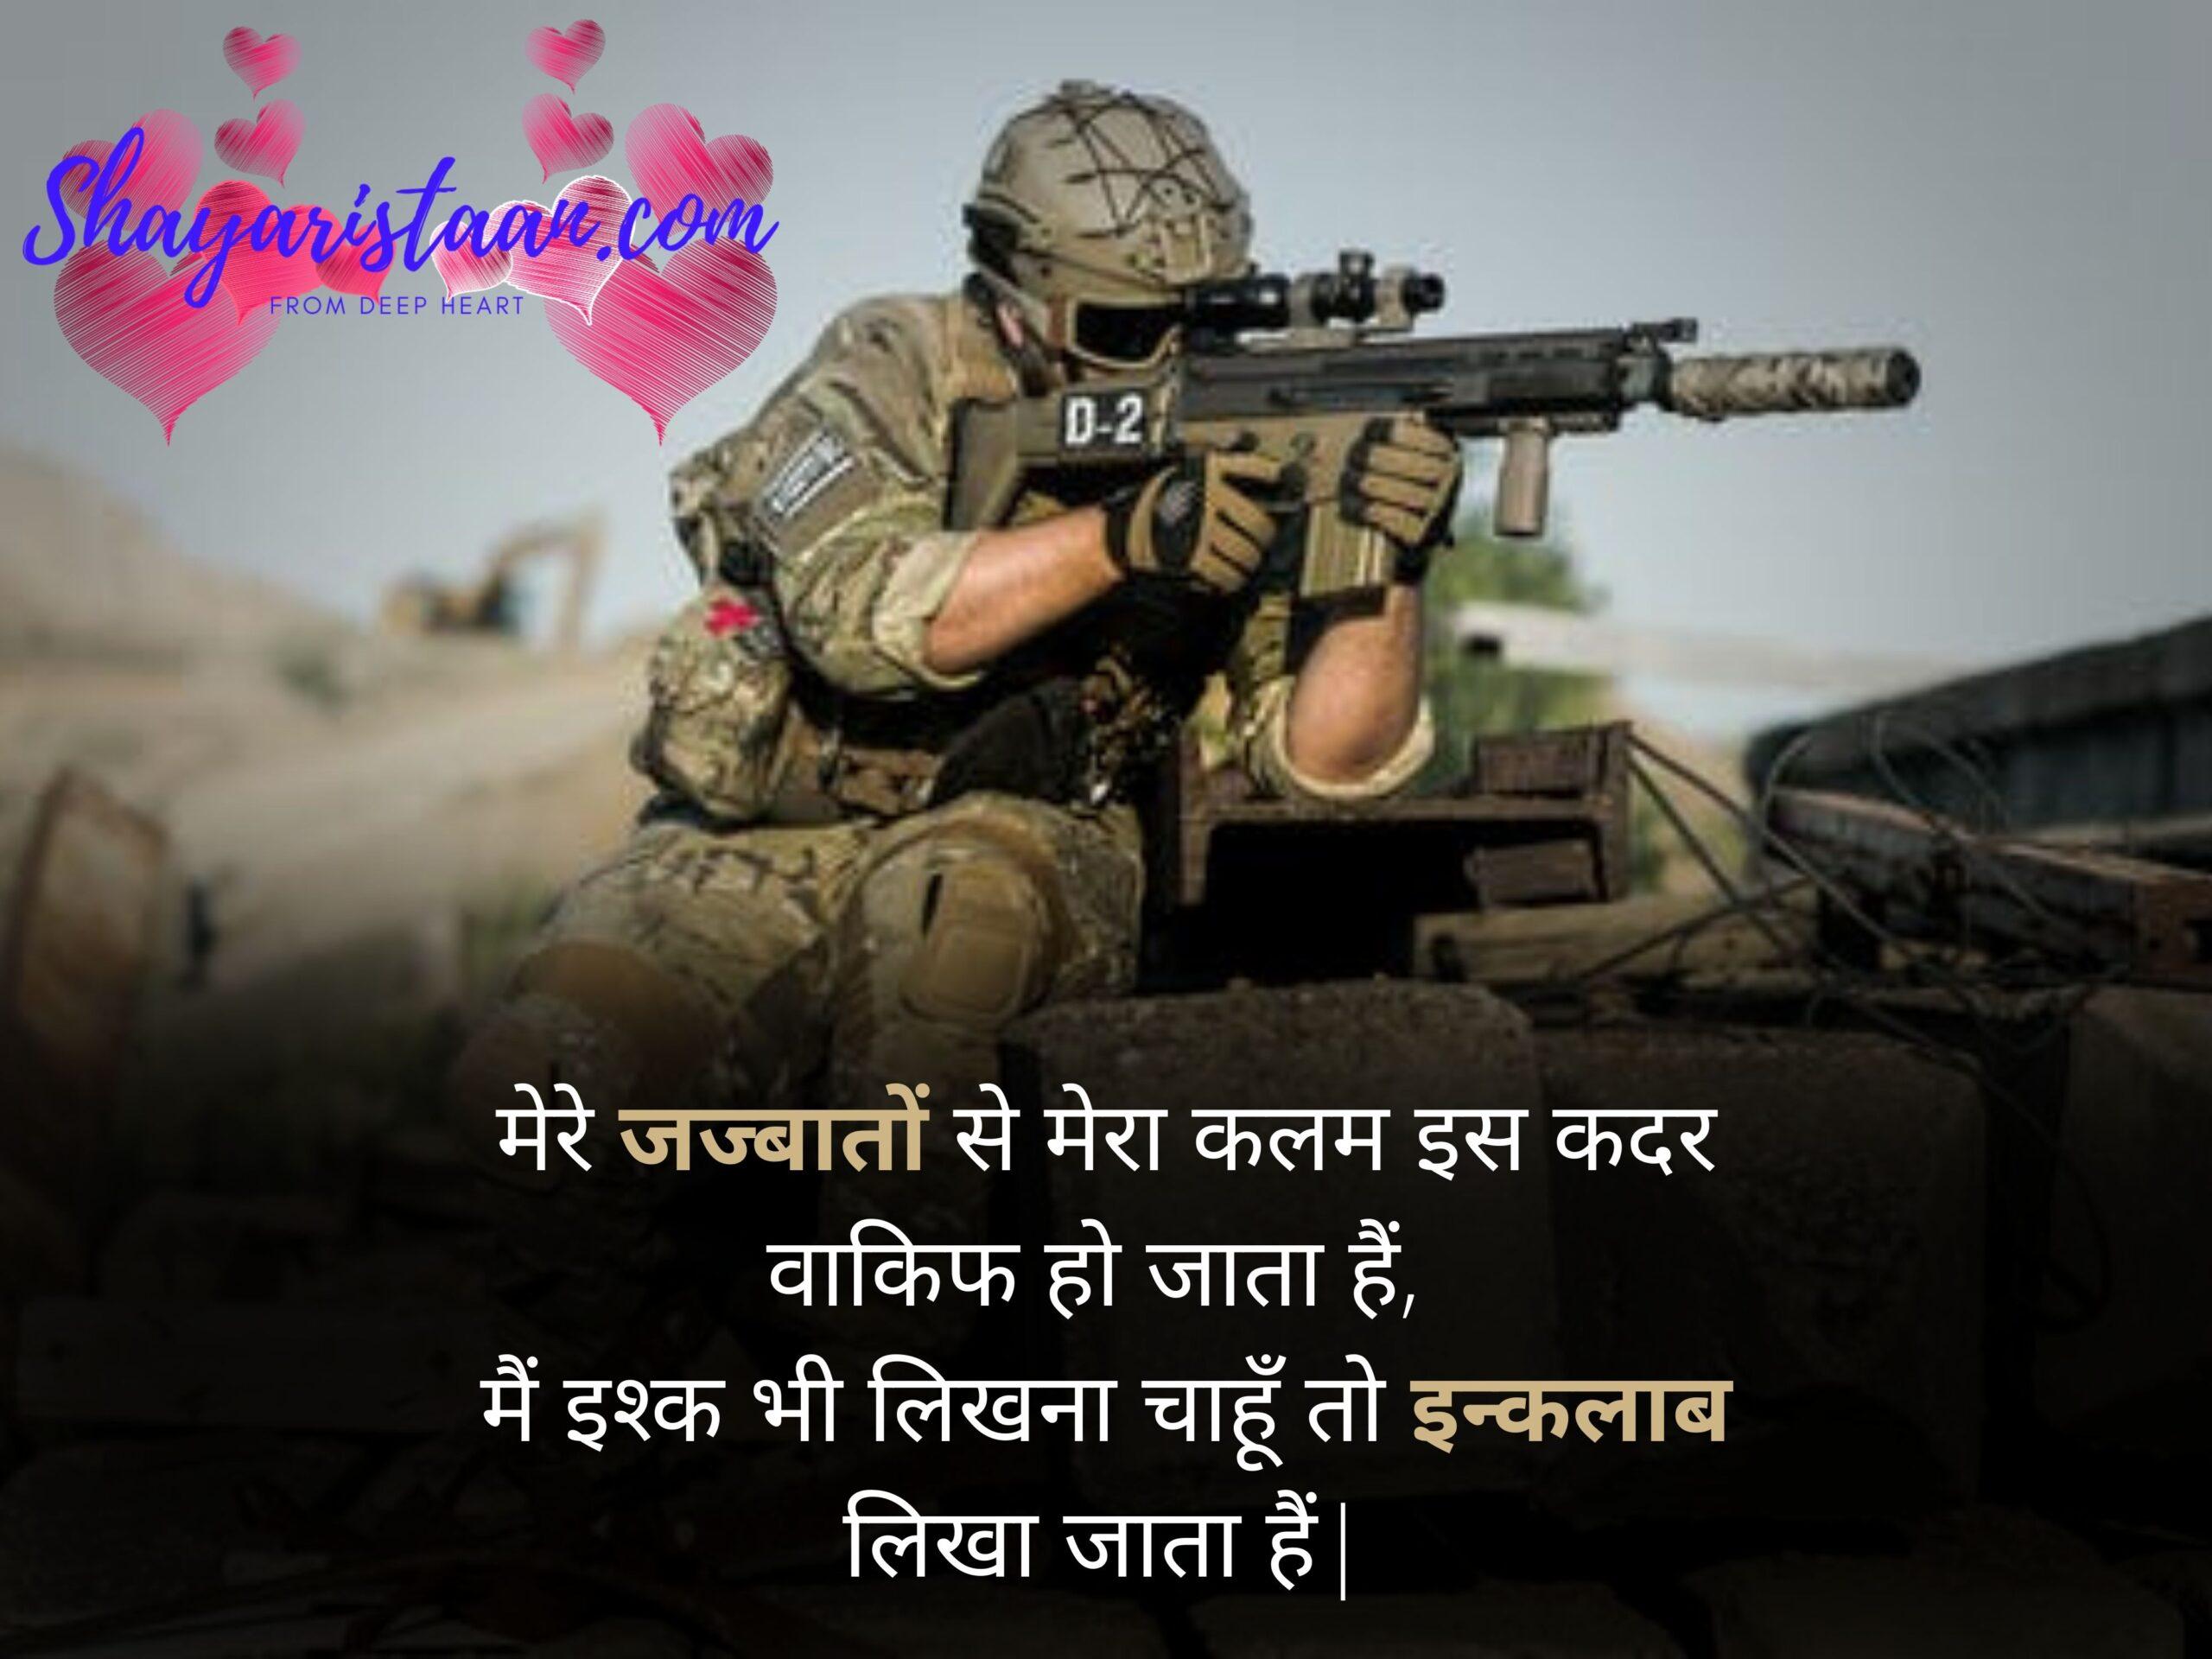 army status | मेरे जज्बातों से मेरा कलम इस कदर वाकिफ हो जाता हैं, मैं इश्क भी लिखना चाहूँ तो इन्कलाब लिखा जाता हैं. जय हिन्द |